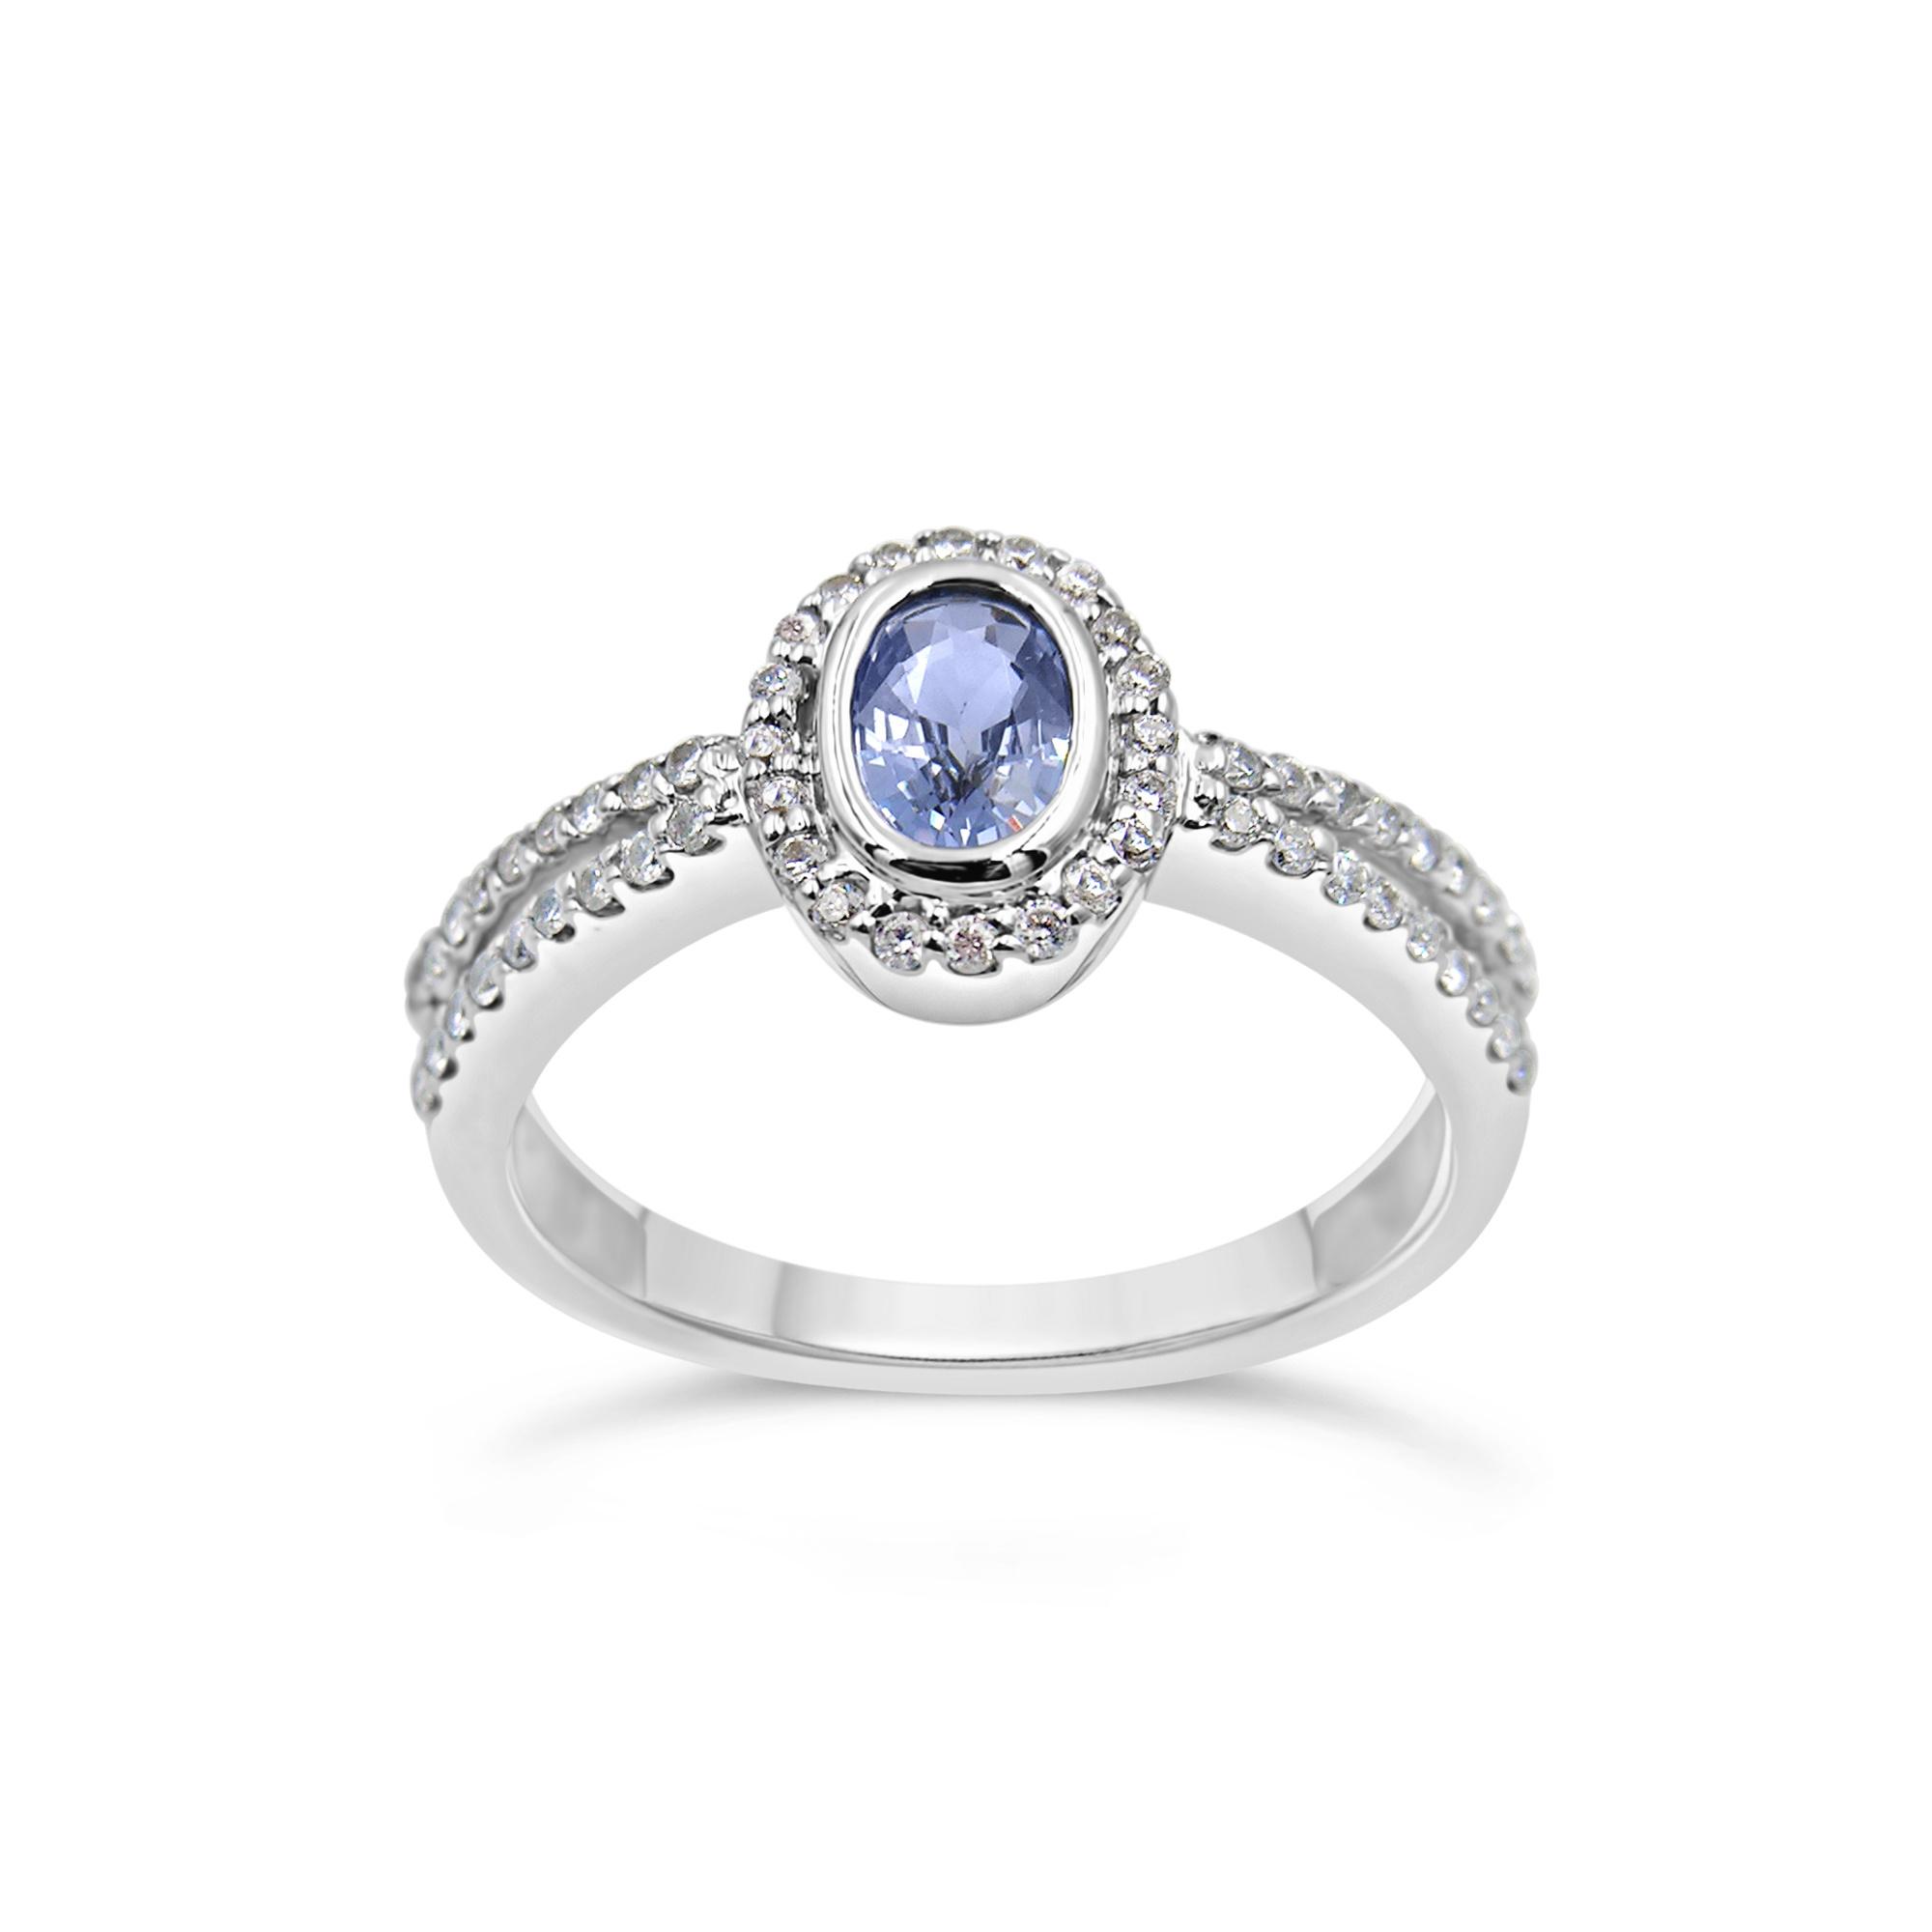 18 karaat wit goud ring met 0.29 ct diamanten & 0.49 ct saffier